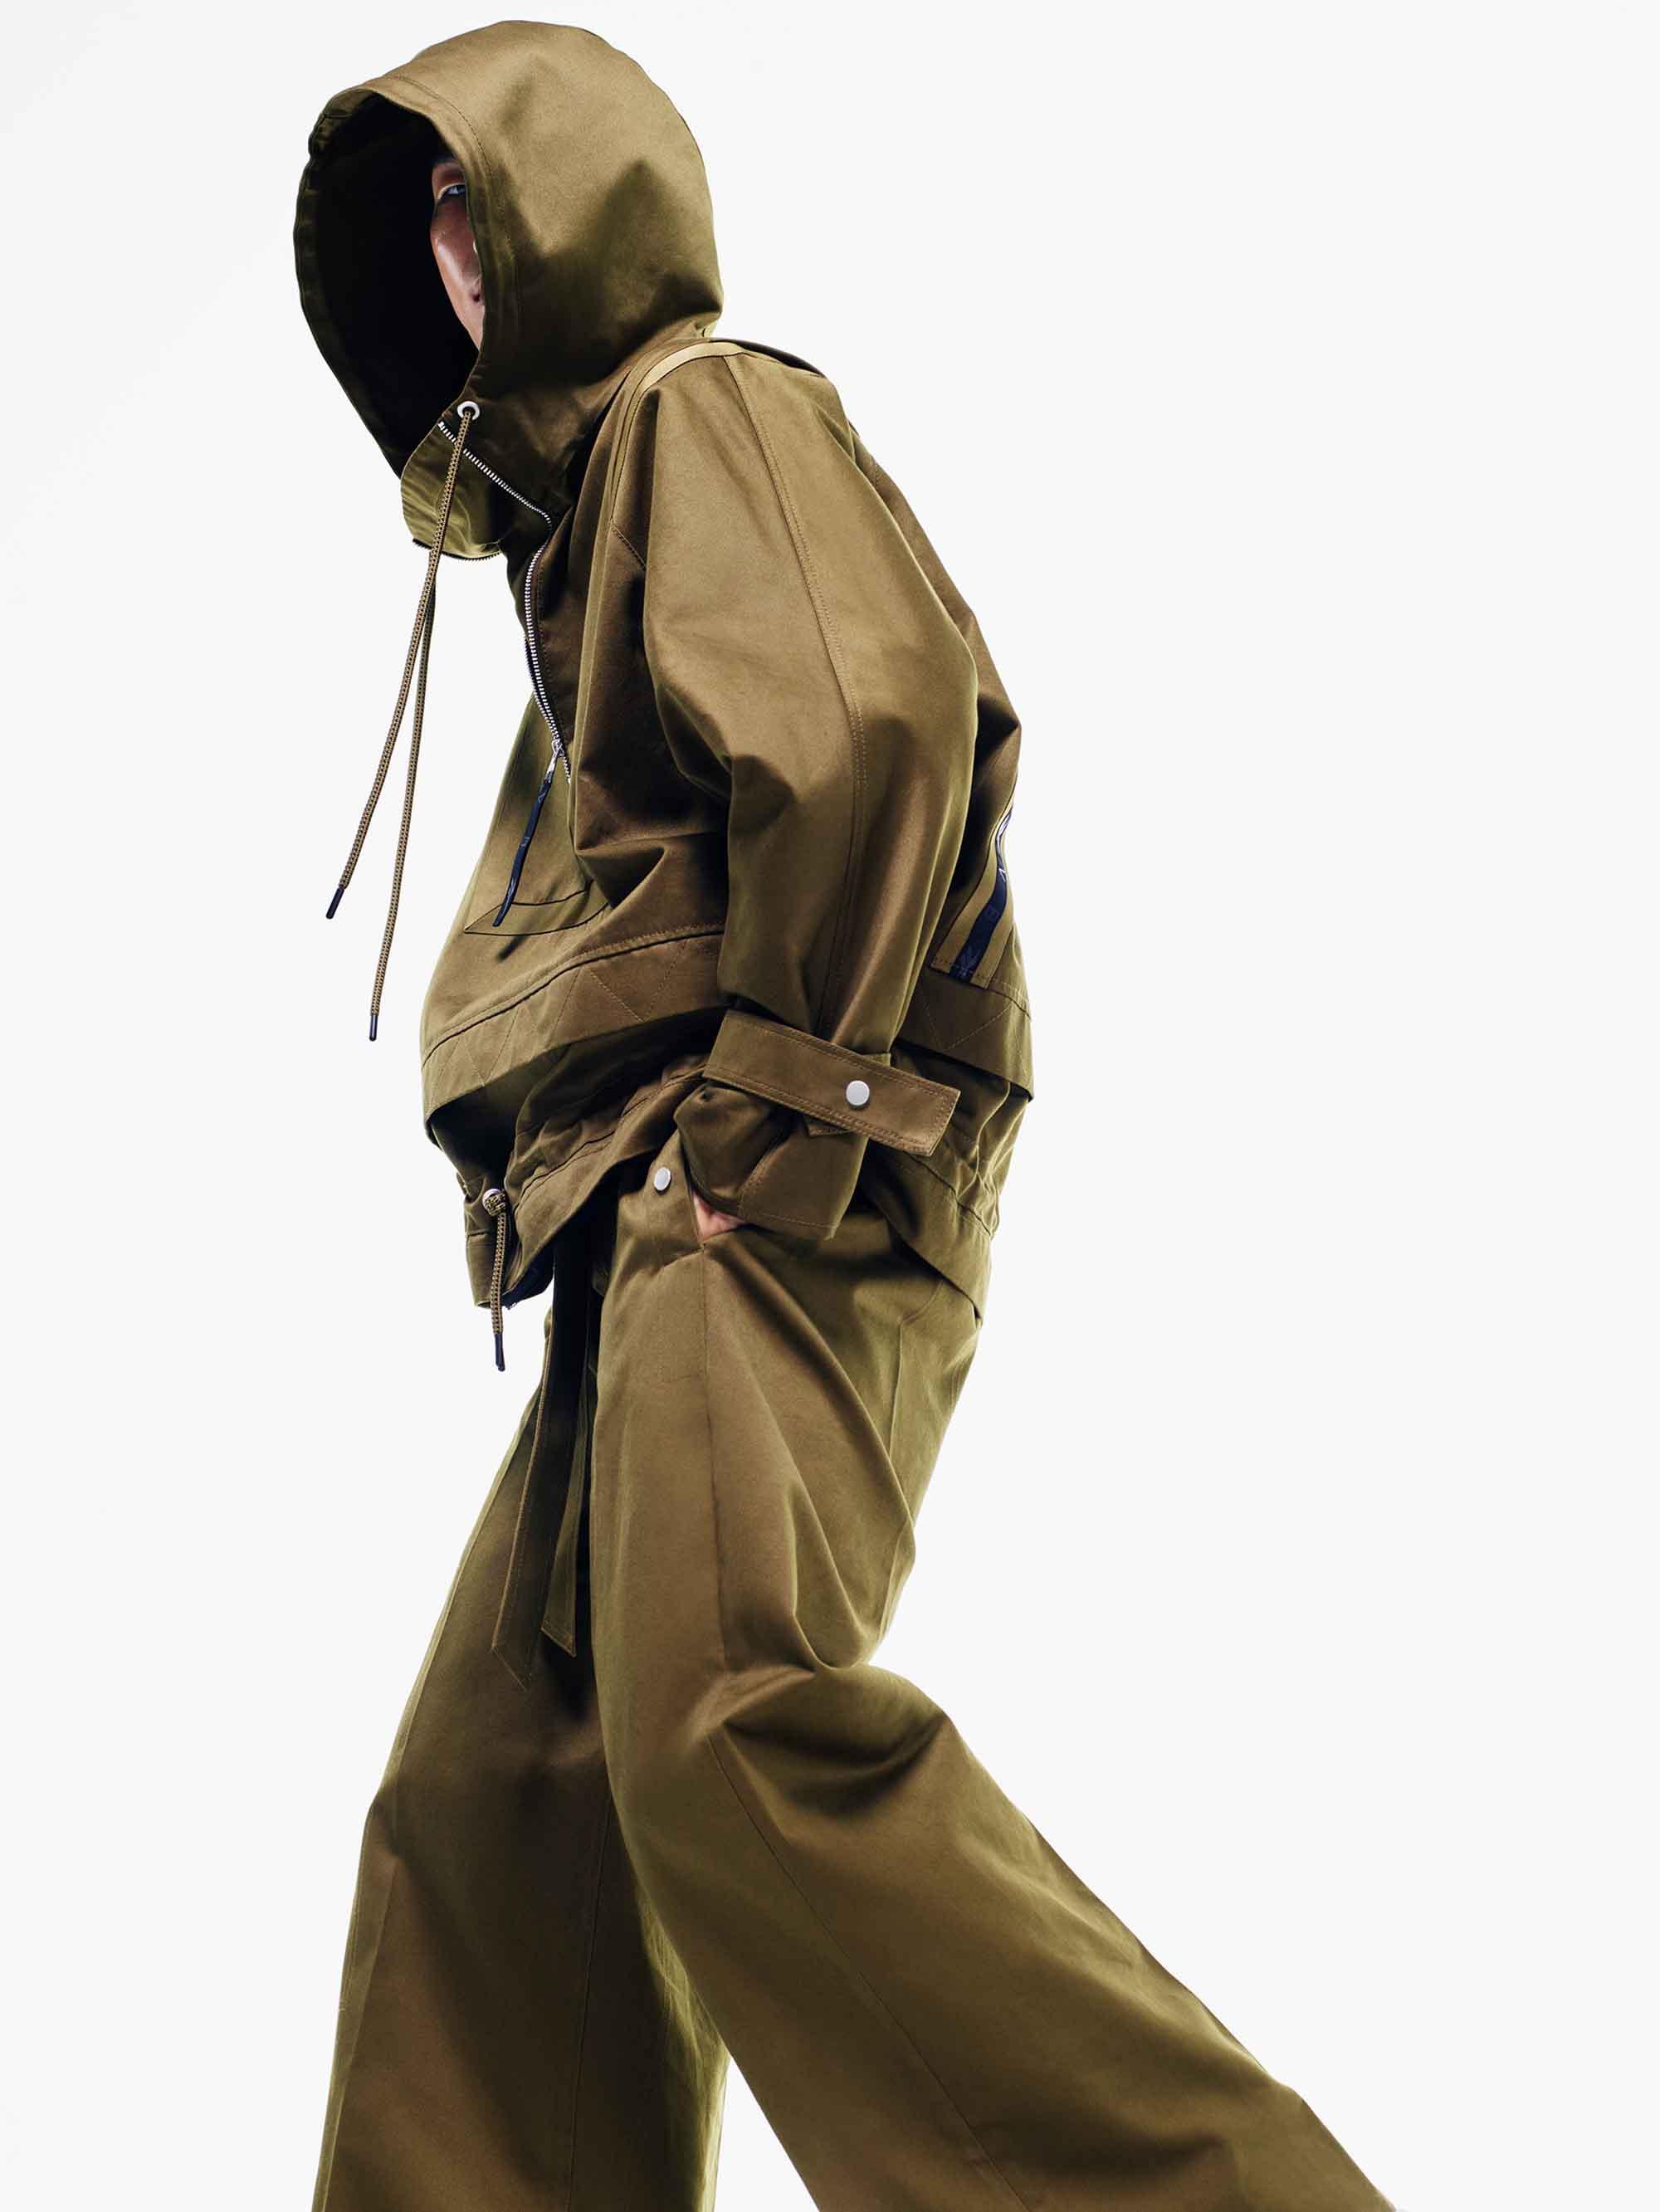 ויקטוריה בקהאם ו REEBOK - מגזין אופנה - Fashion Israel - אופנה